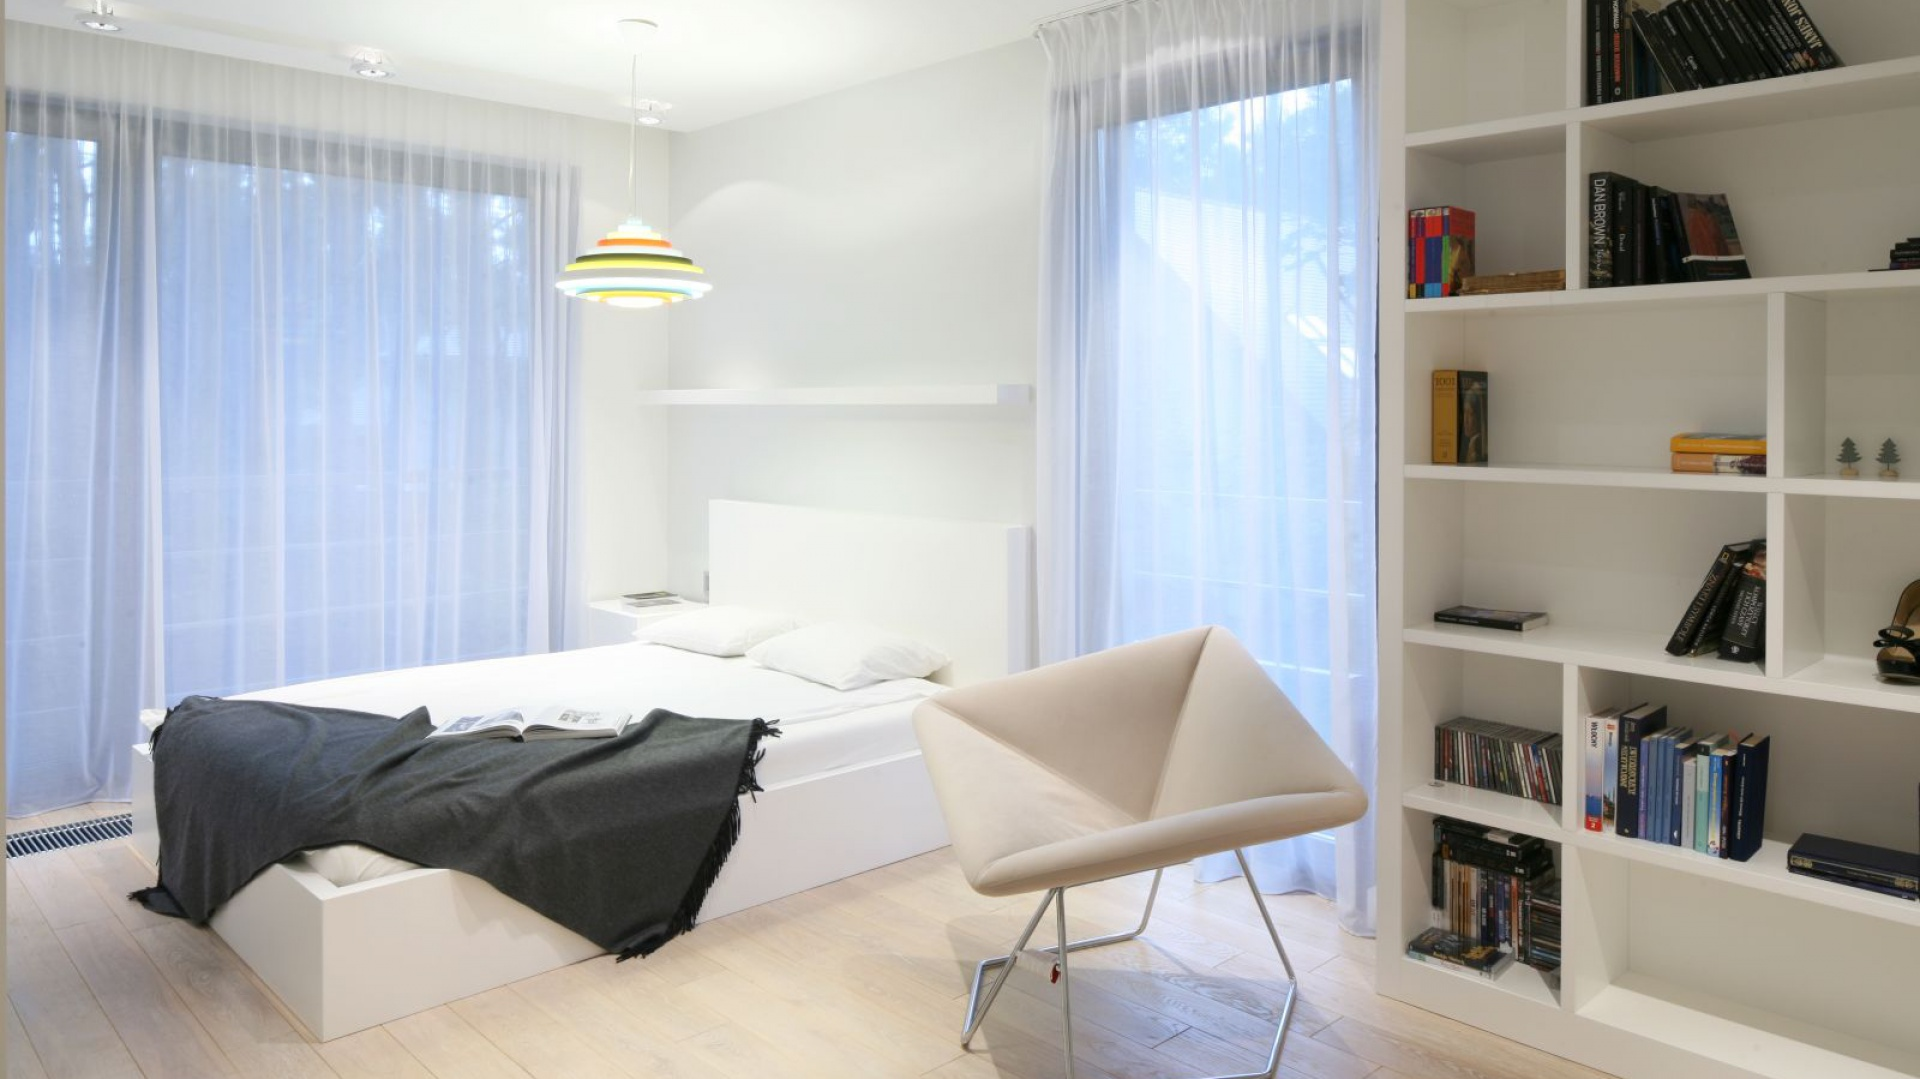 Nowoczesna Sypialnia 20 Propozycji Architektów